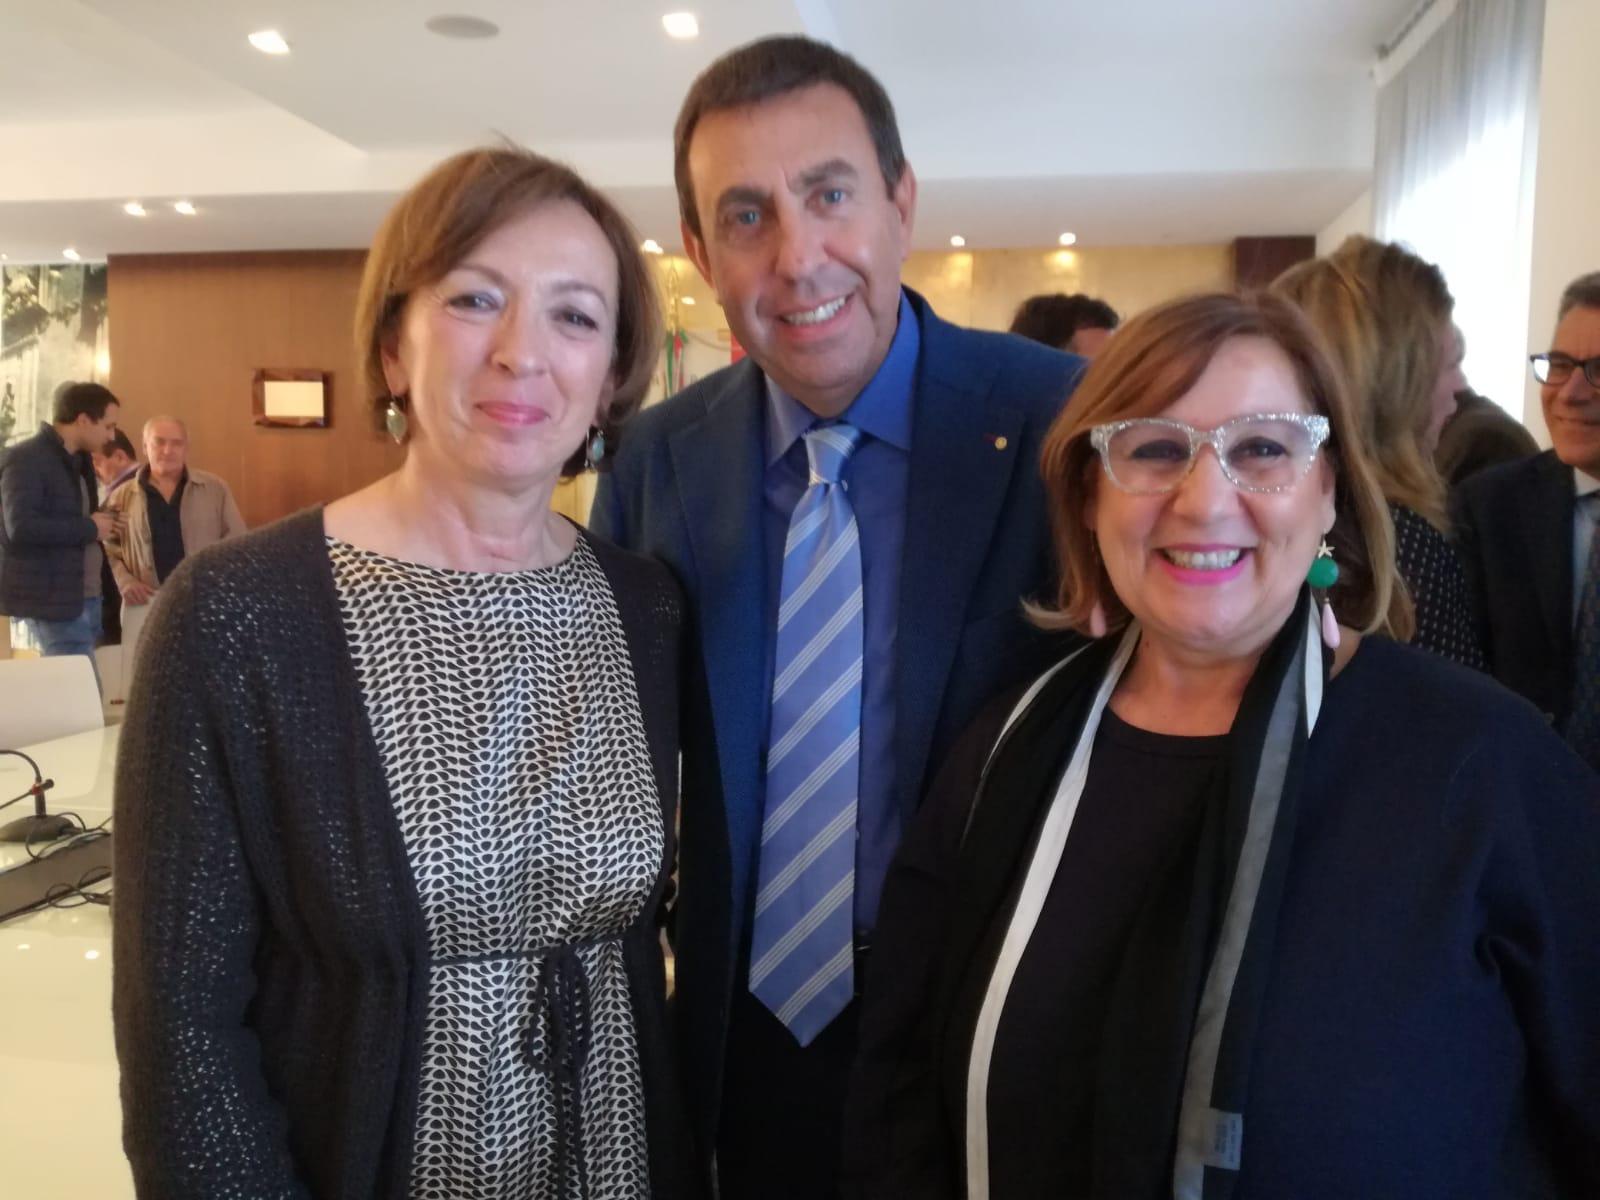 """Leontina Lanciano: """"Buon lavoro all'onorevole Patriciello. Come Garante sono disponibile a condividere iniziative  per il bene dei molisani"""""""